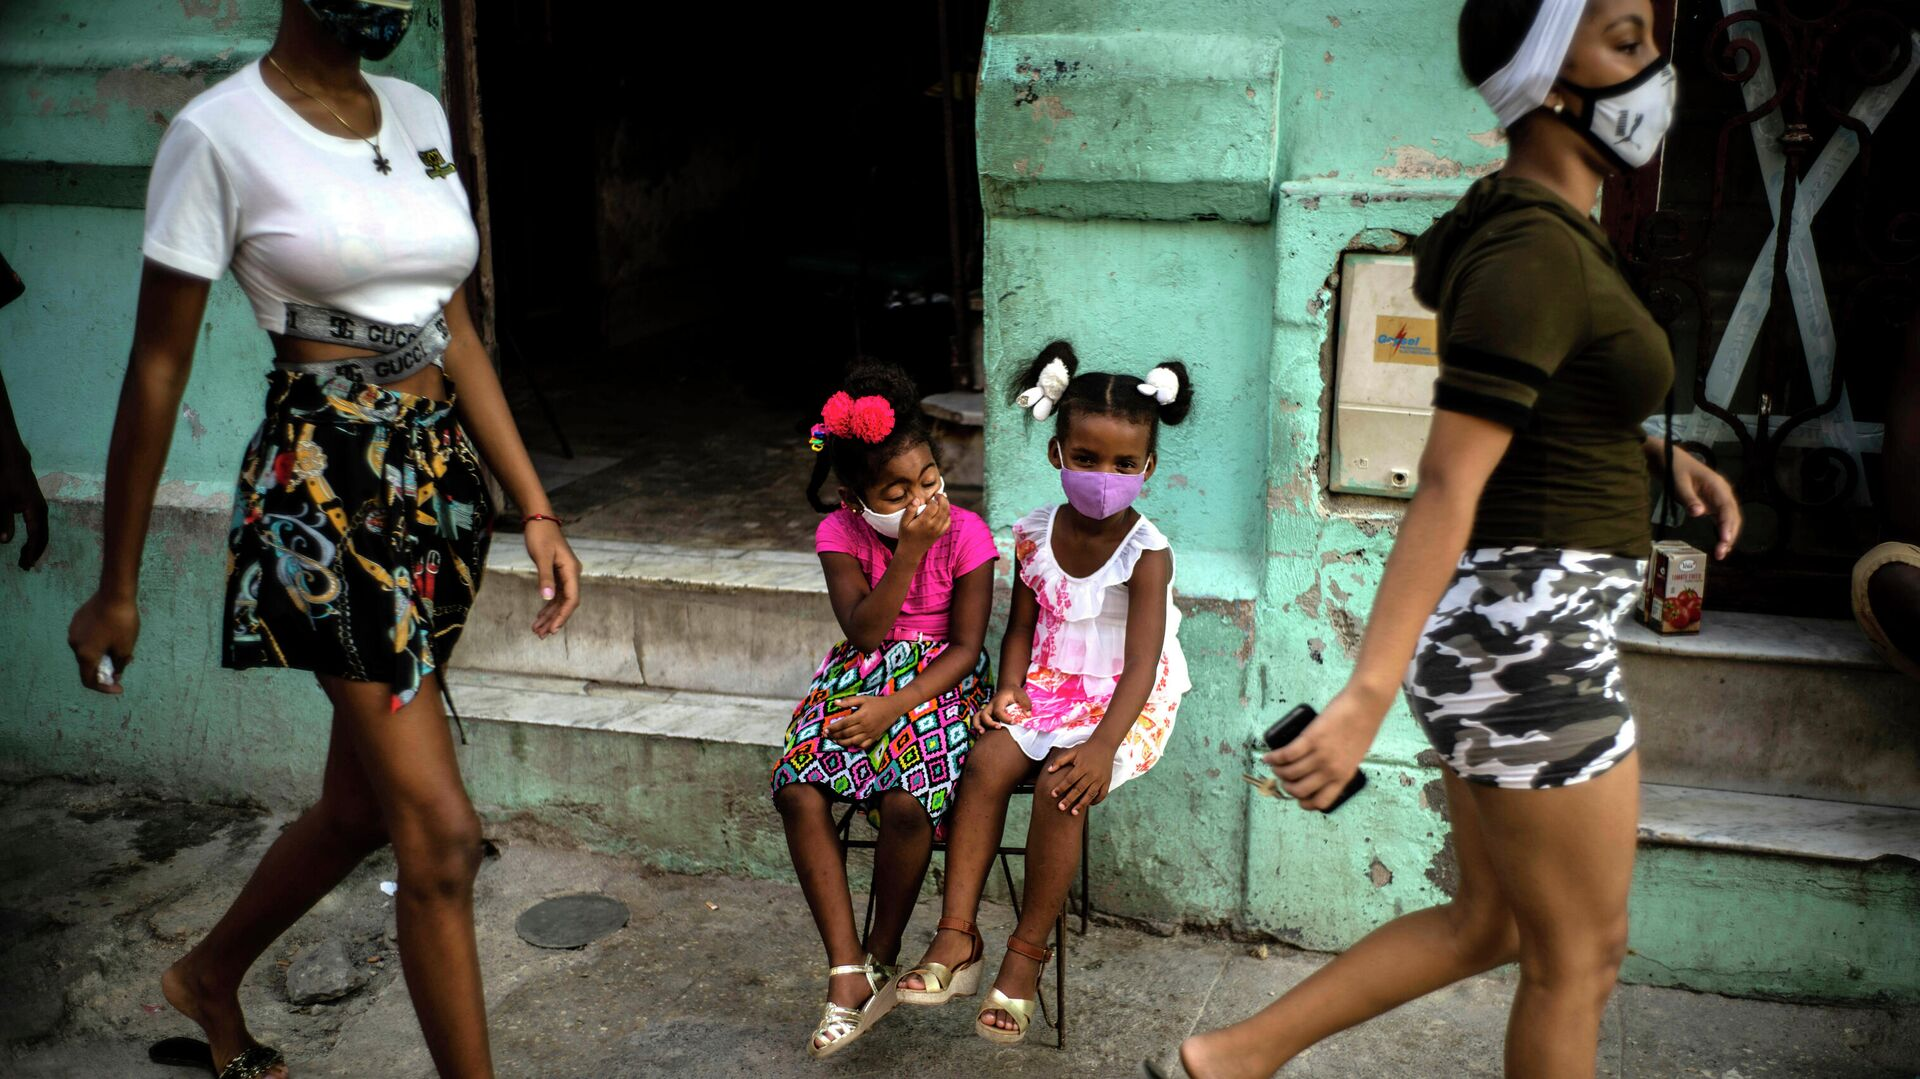 Девочки в защитных масках ждут своих родителей на улице Гаваны - РИА Новости, 1920, 25.07.2021